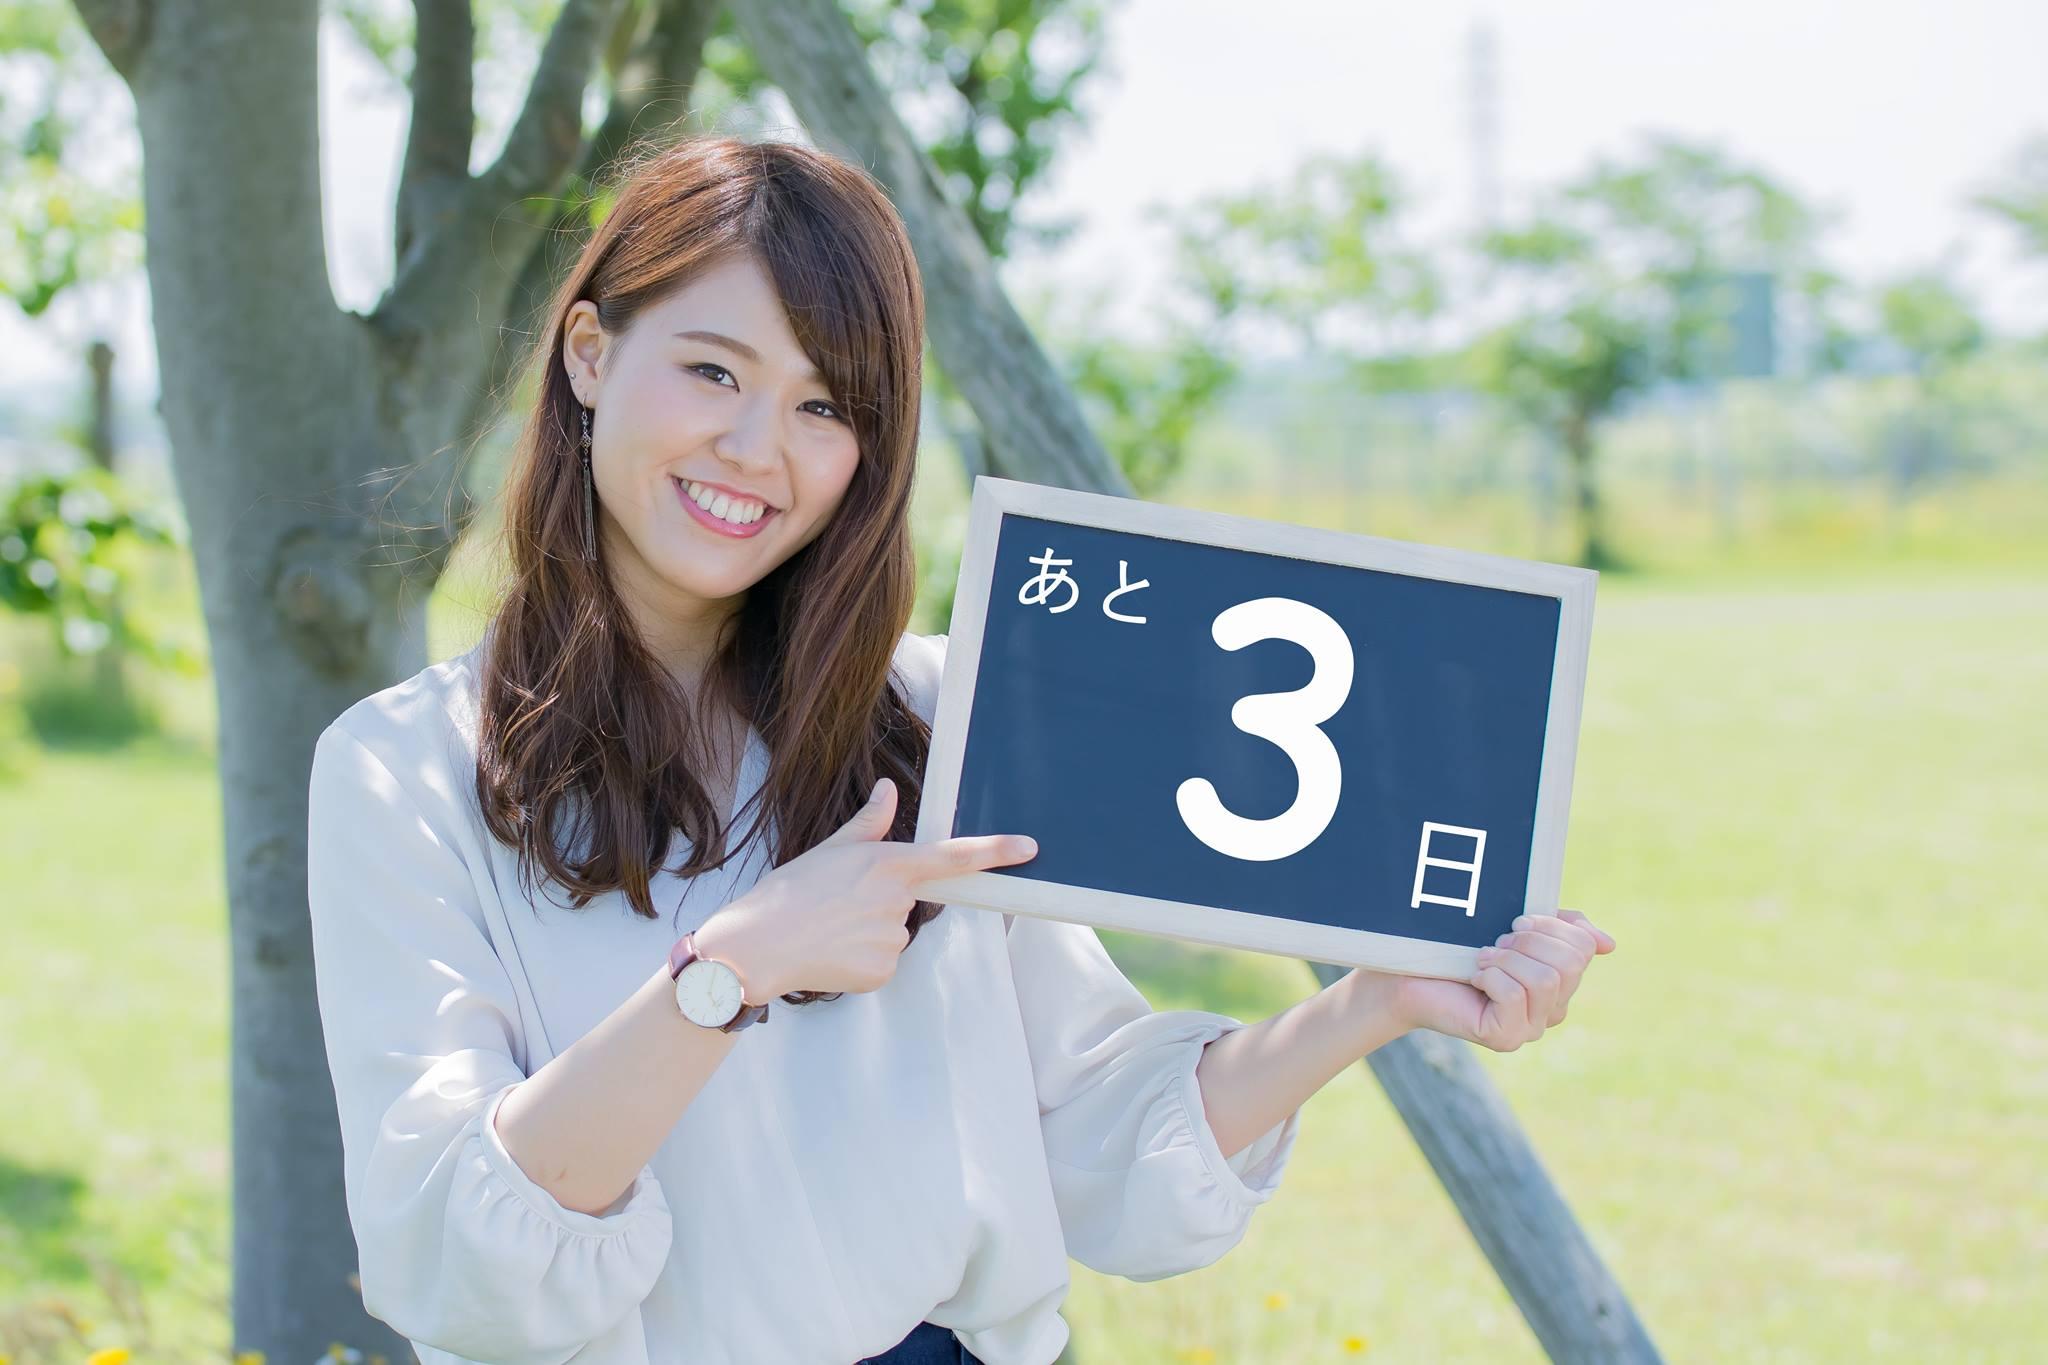 モデル:りの|アキコネ 開催日まで秋田美人がカウントダウン!